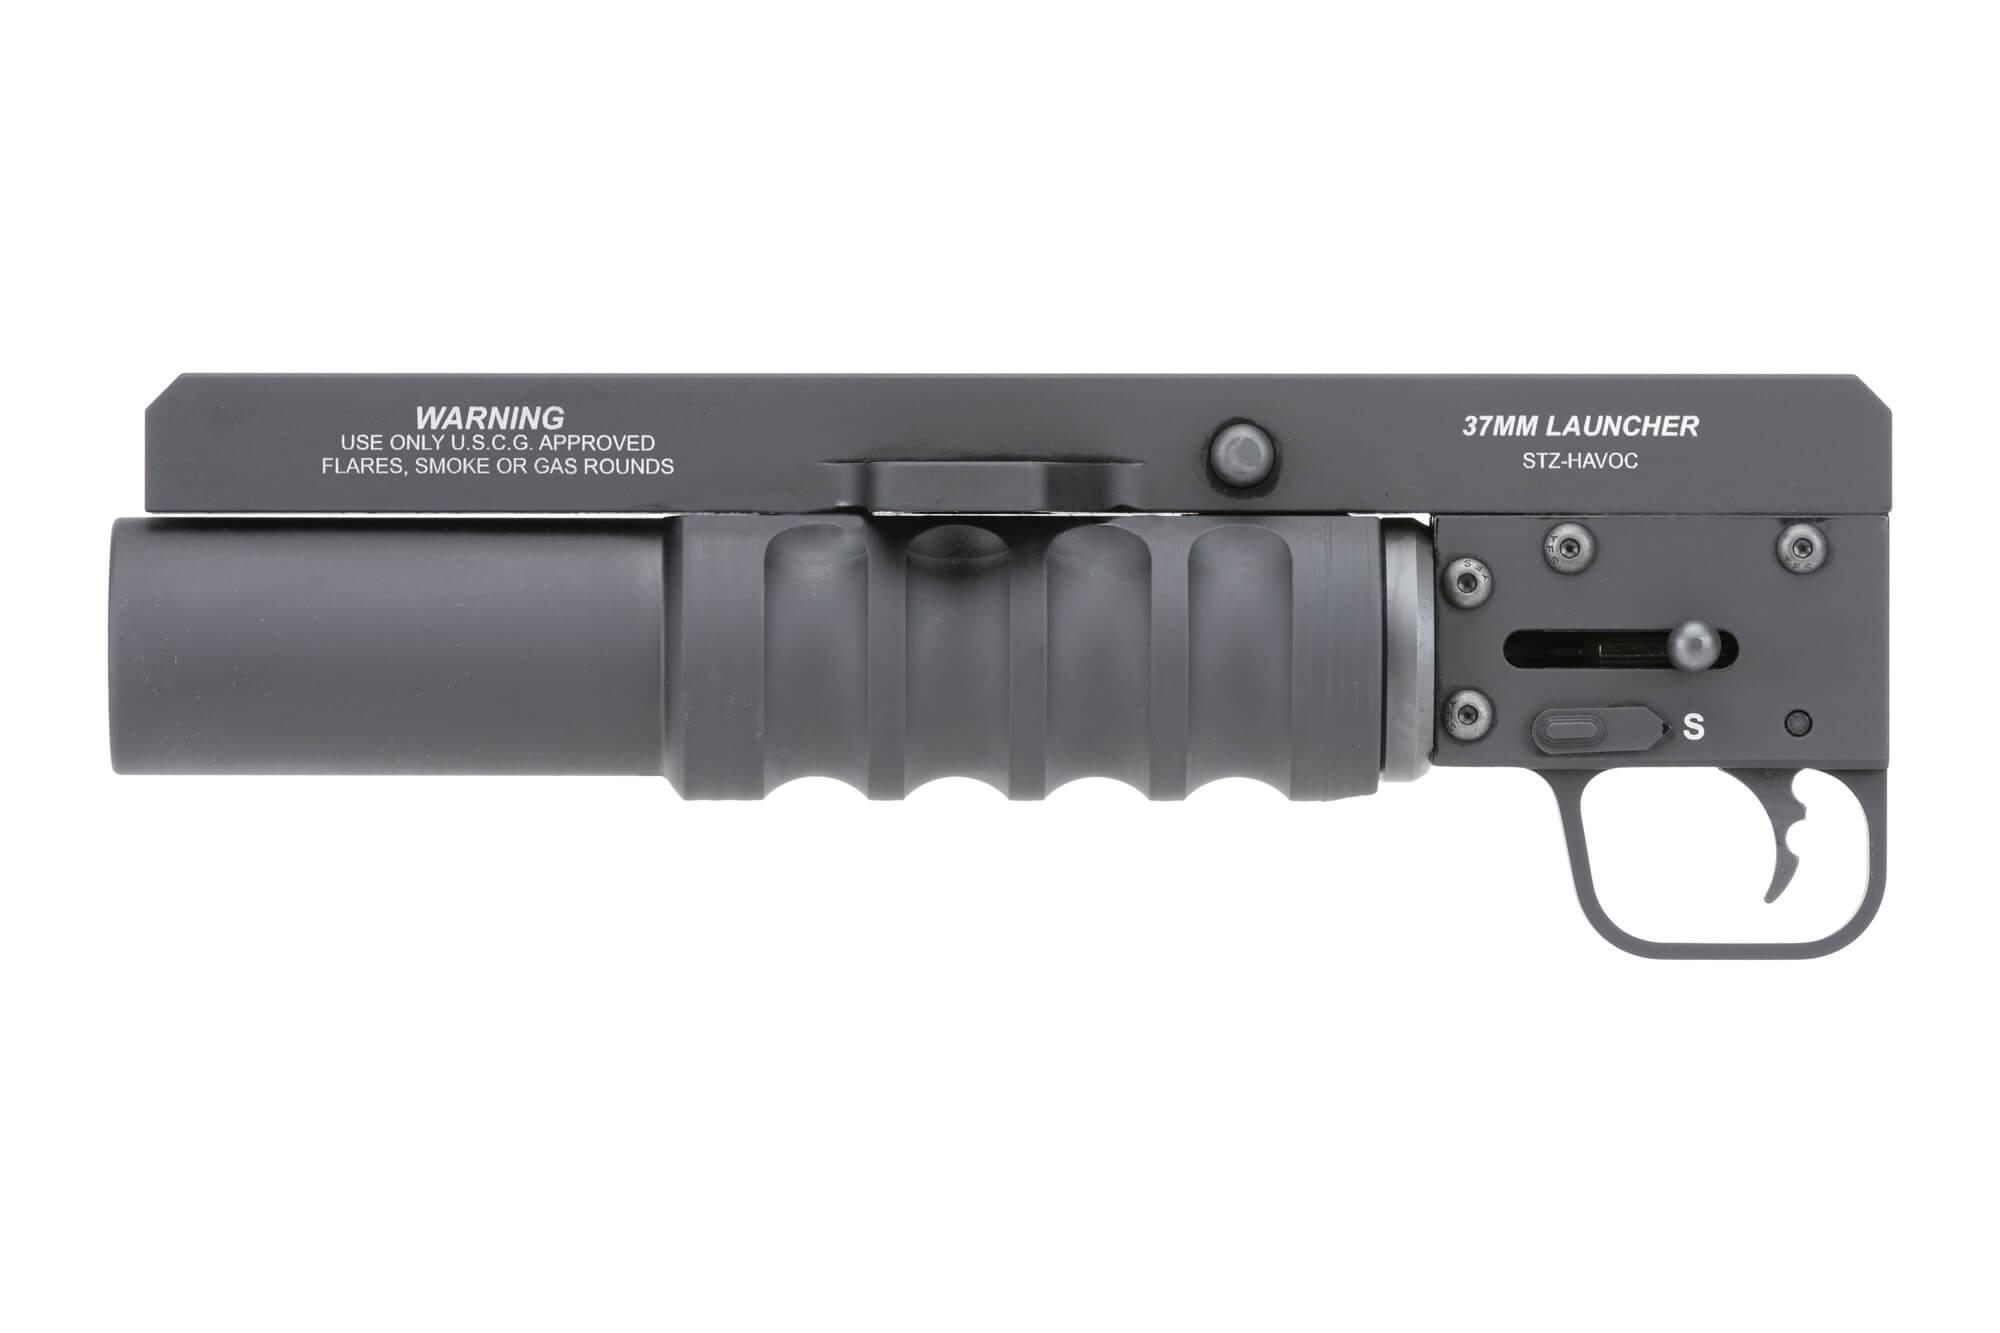 Havoc 37mm Launcher 12″ Side Loader